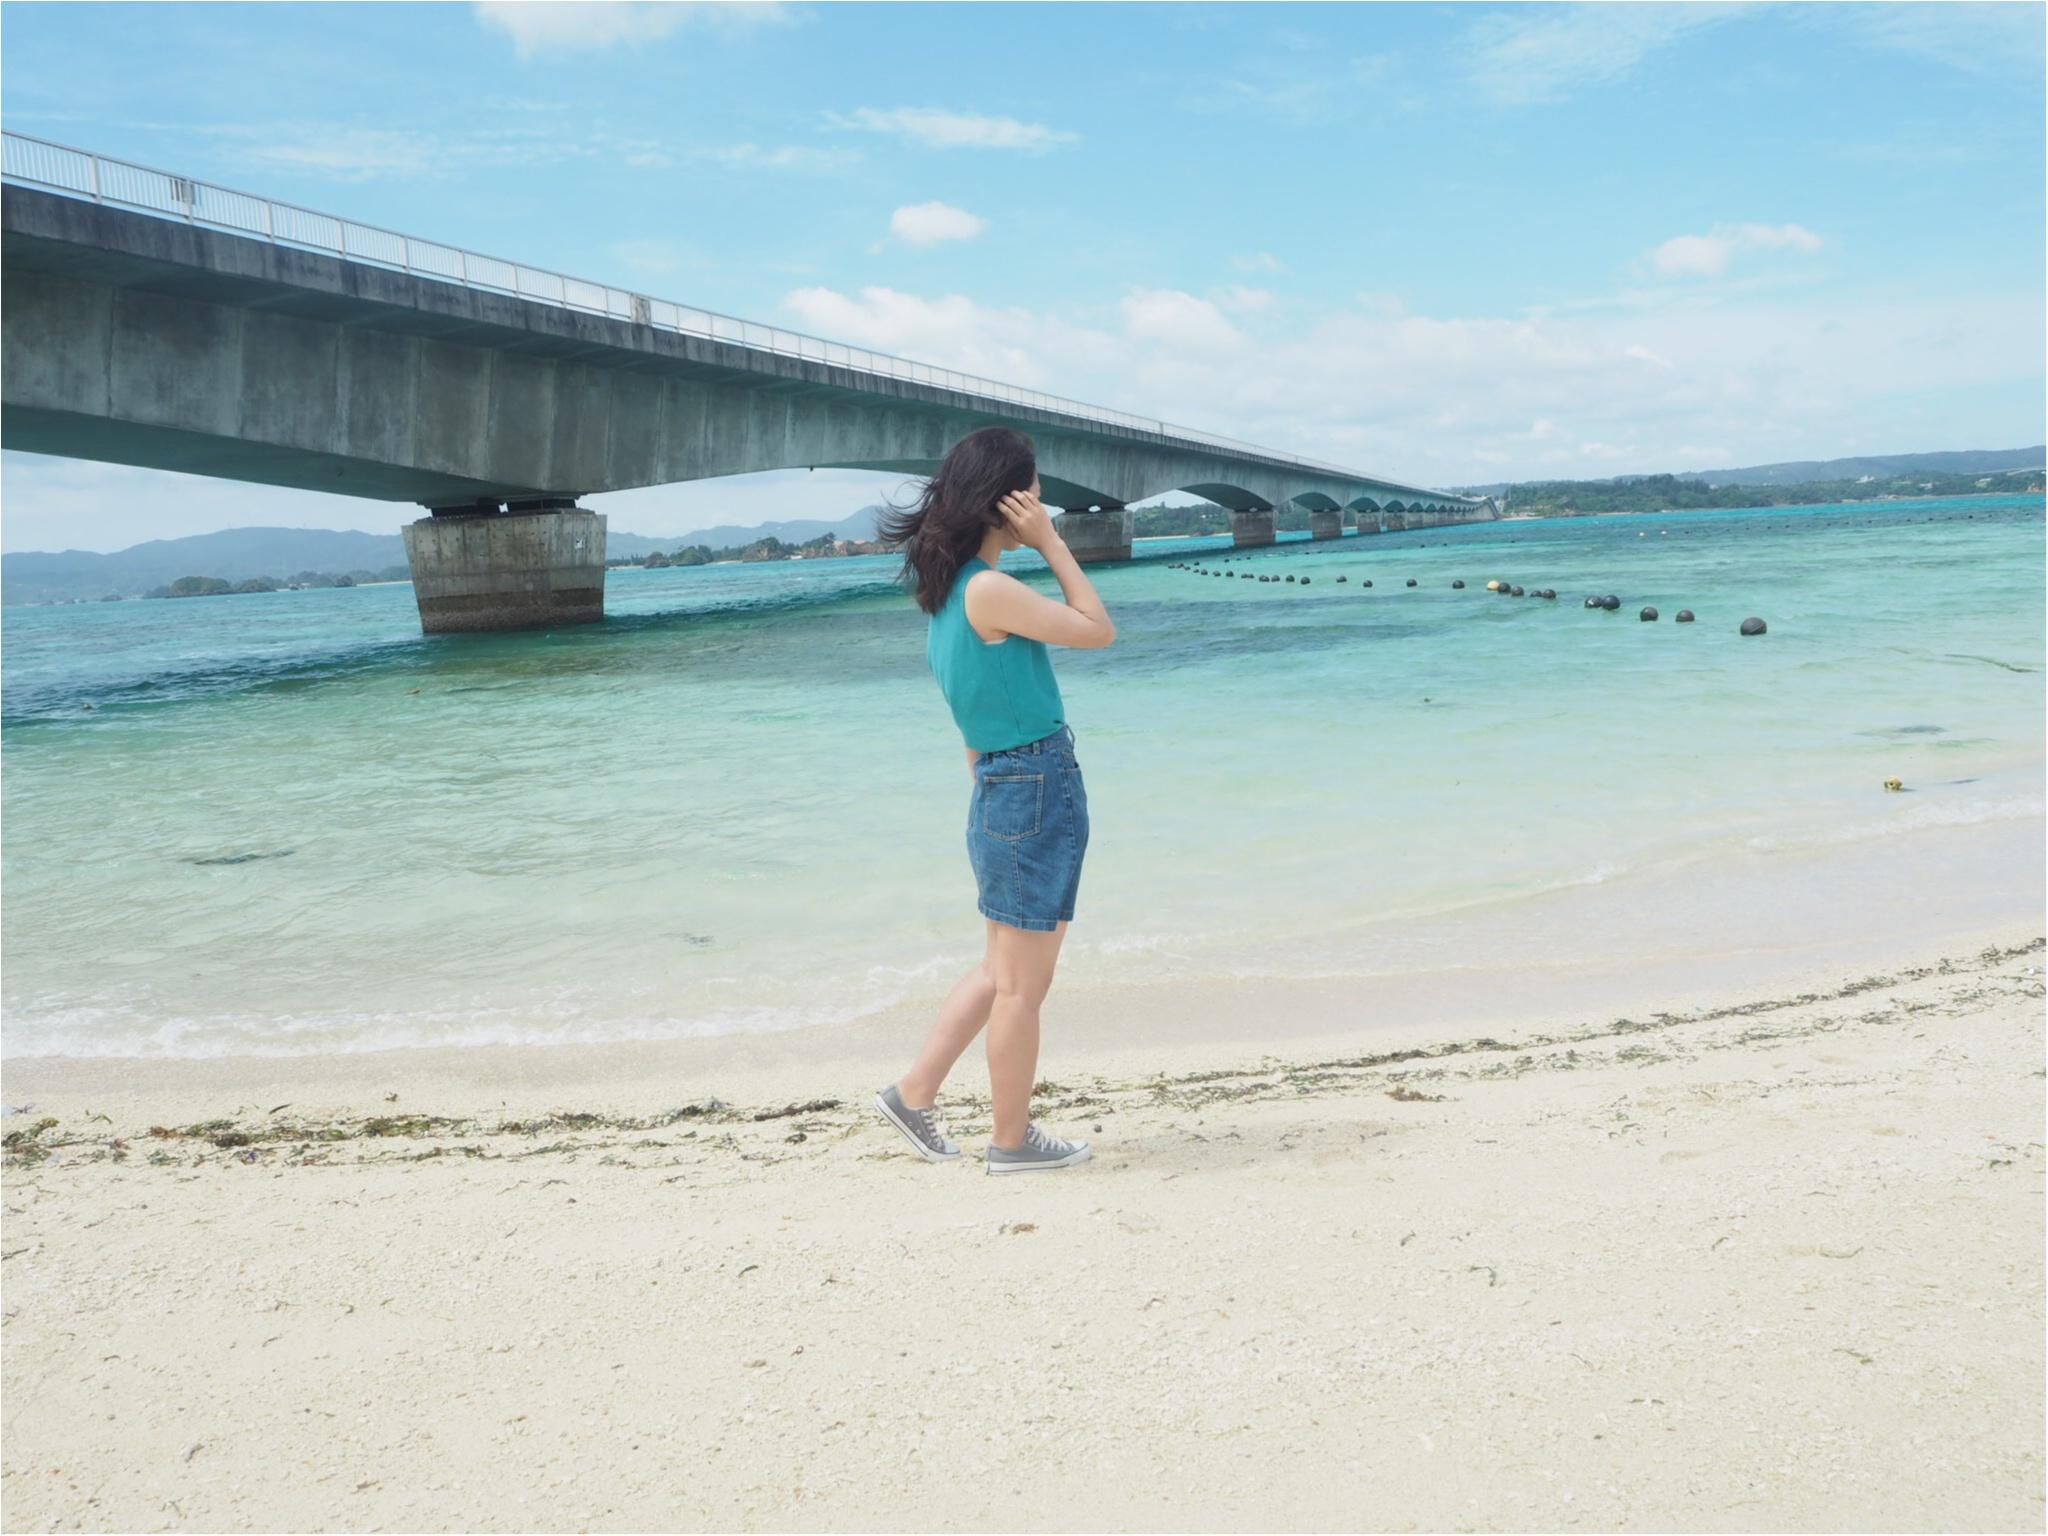 """【沖縄旅Part.②】車がなくても""""超""""充実できちゃう女子旅♡沖縄の綺麗な景色にとっても癒されました〜✴︎_5"""